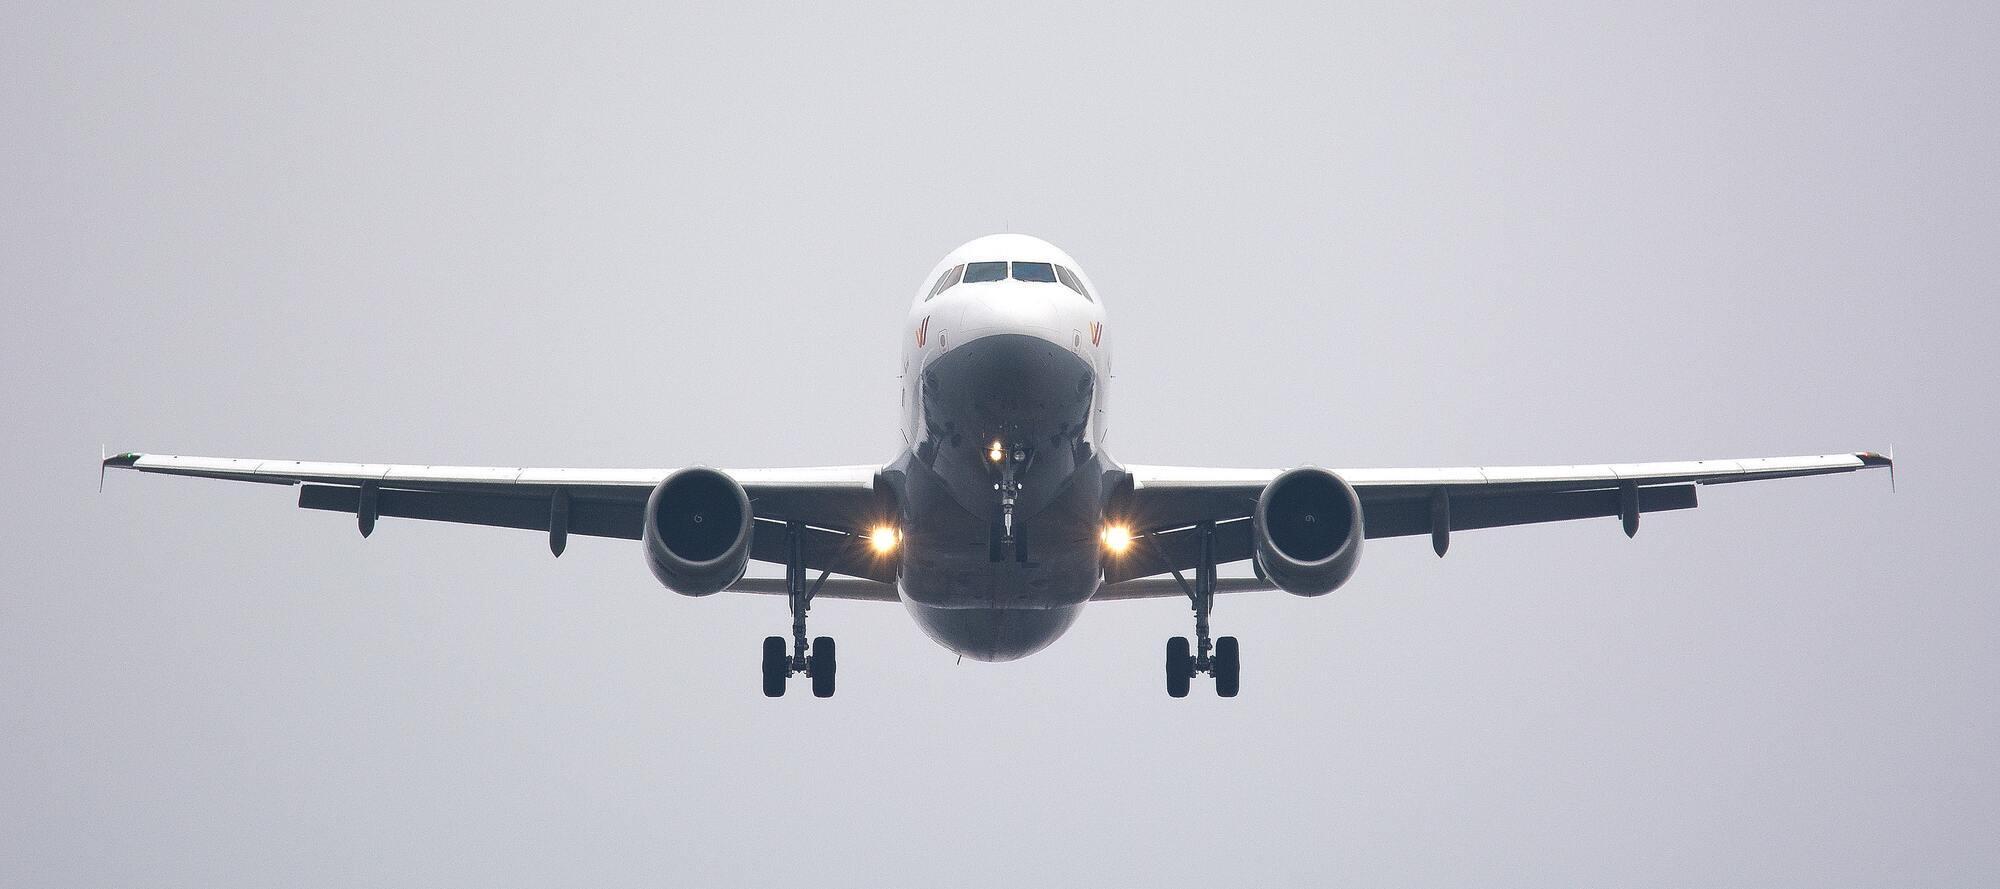 У літак часто потрапляє блискавка, але пасажири цього не помічають